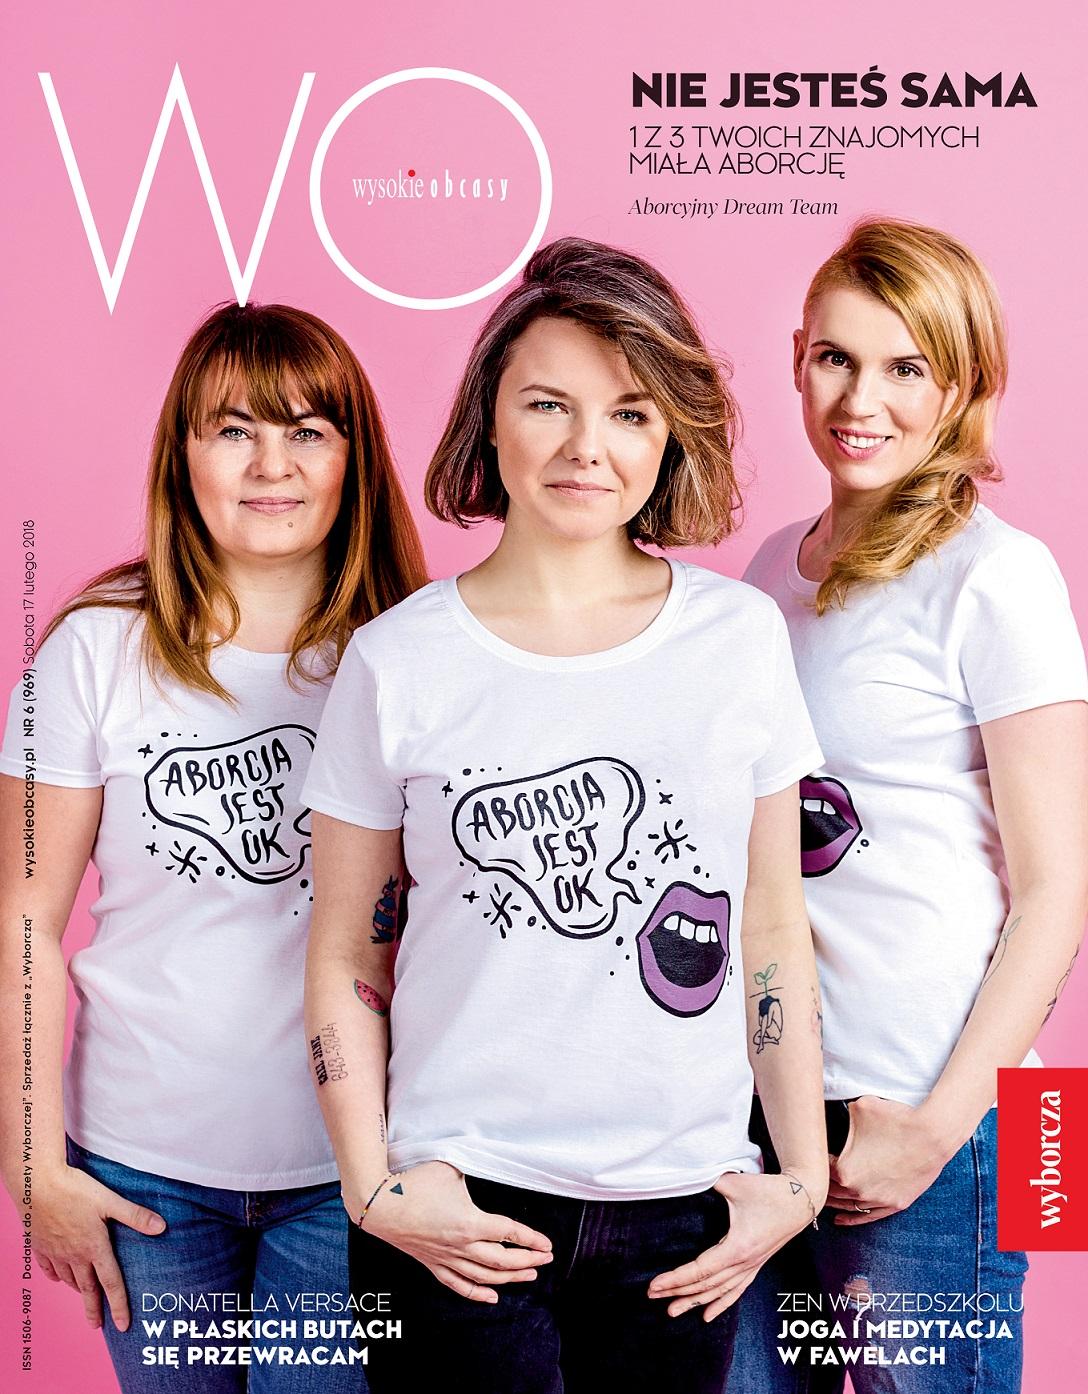 bde1f1b91b4a Aborcja farmakologiczna jest w Polsce tematem tabu.  My jesteśmy dla kobiet